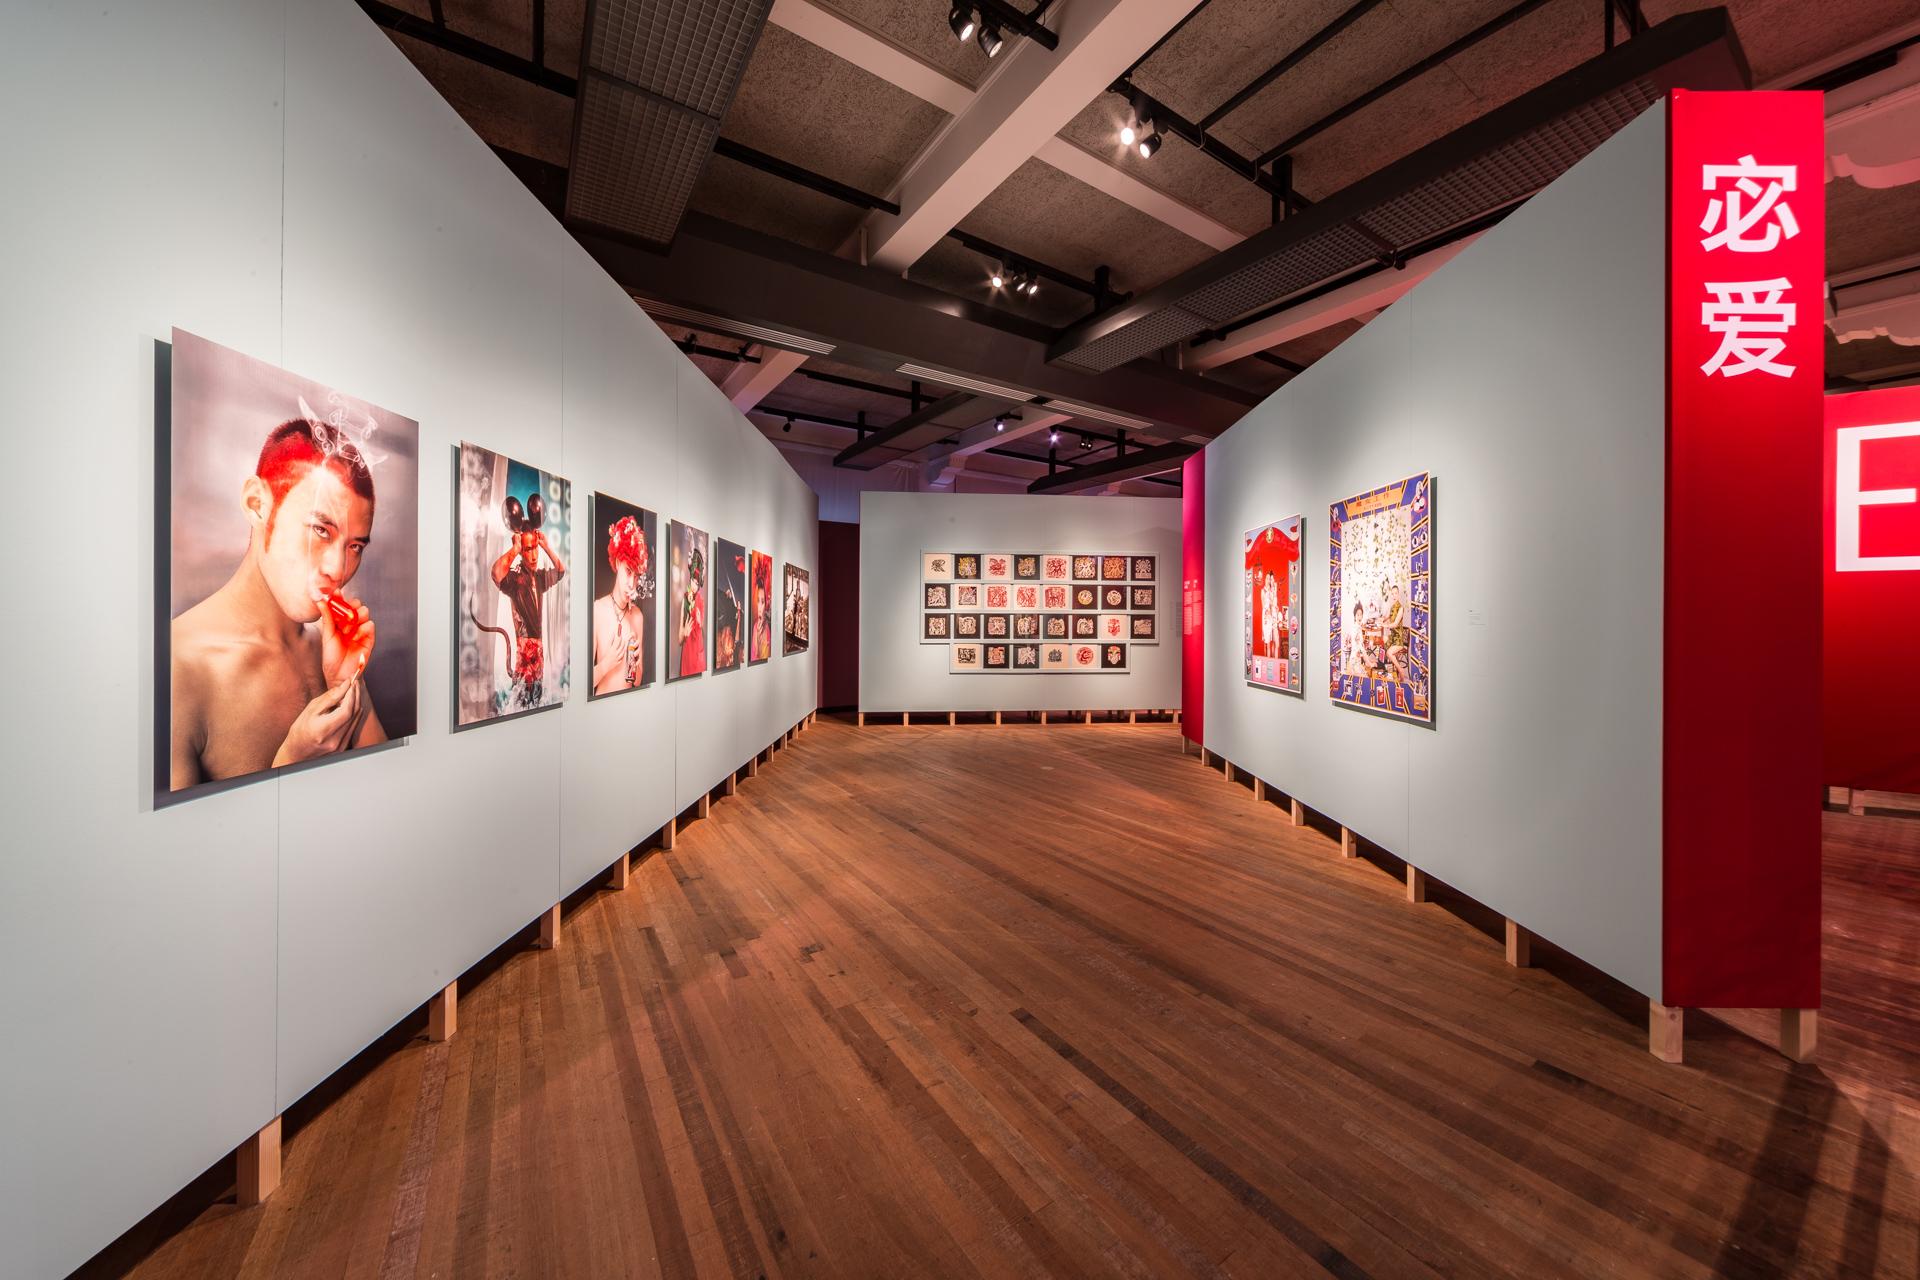 tentoonstellingsontwerp secret love tropenmuseum 09 jpg